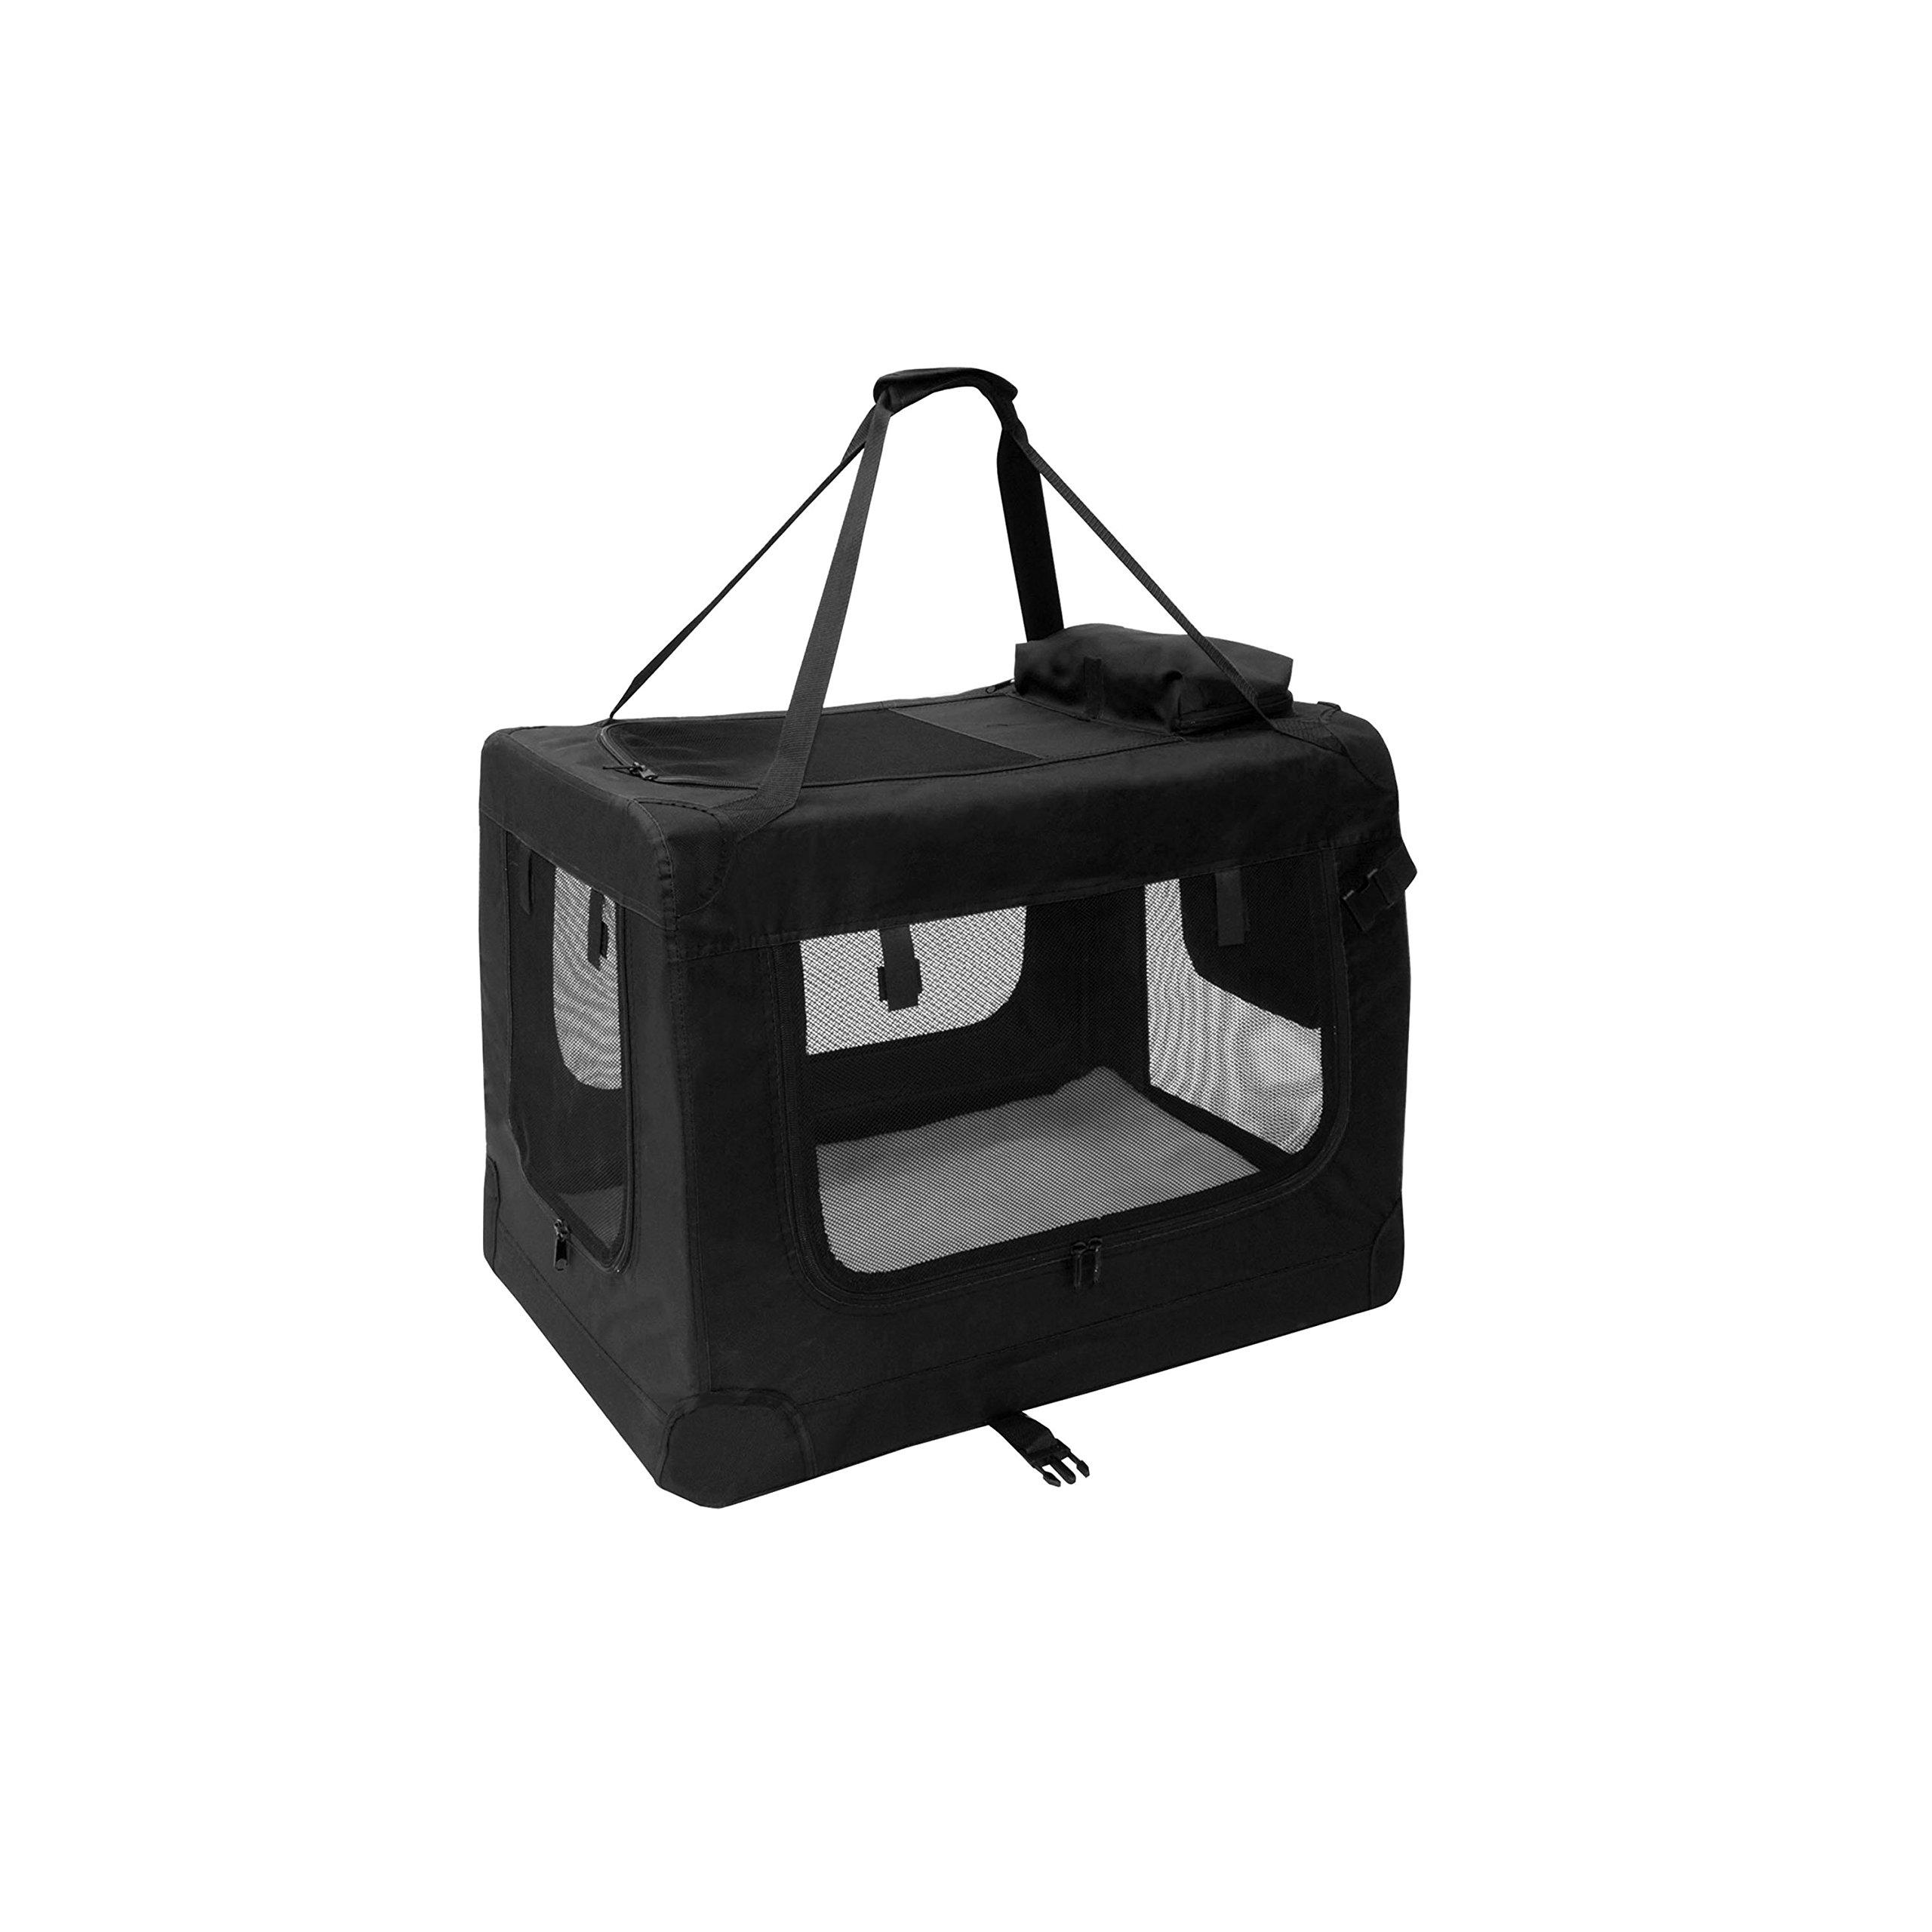 ALEKO PBCBKS 19X14X12 Inch Heavy Duty Collapsible Pet Carrier Portable Pet Home Spacious Traveler Pet Bag, Black